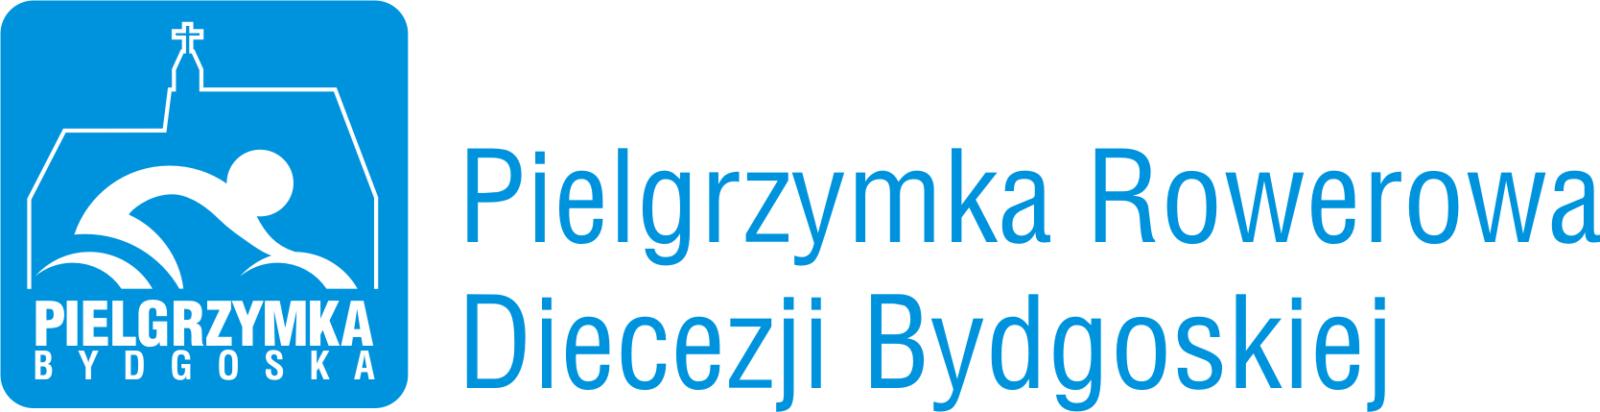 V Pielgrzymka Rowerowa Diecezji Bydgoskiej 2018